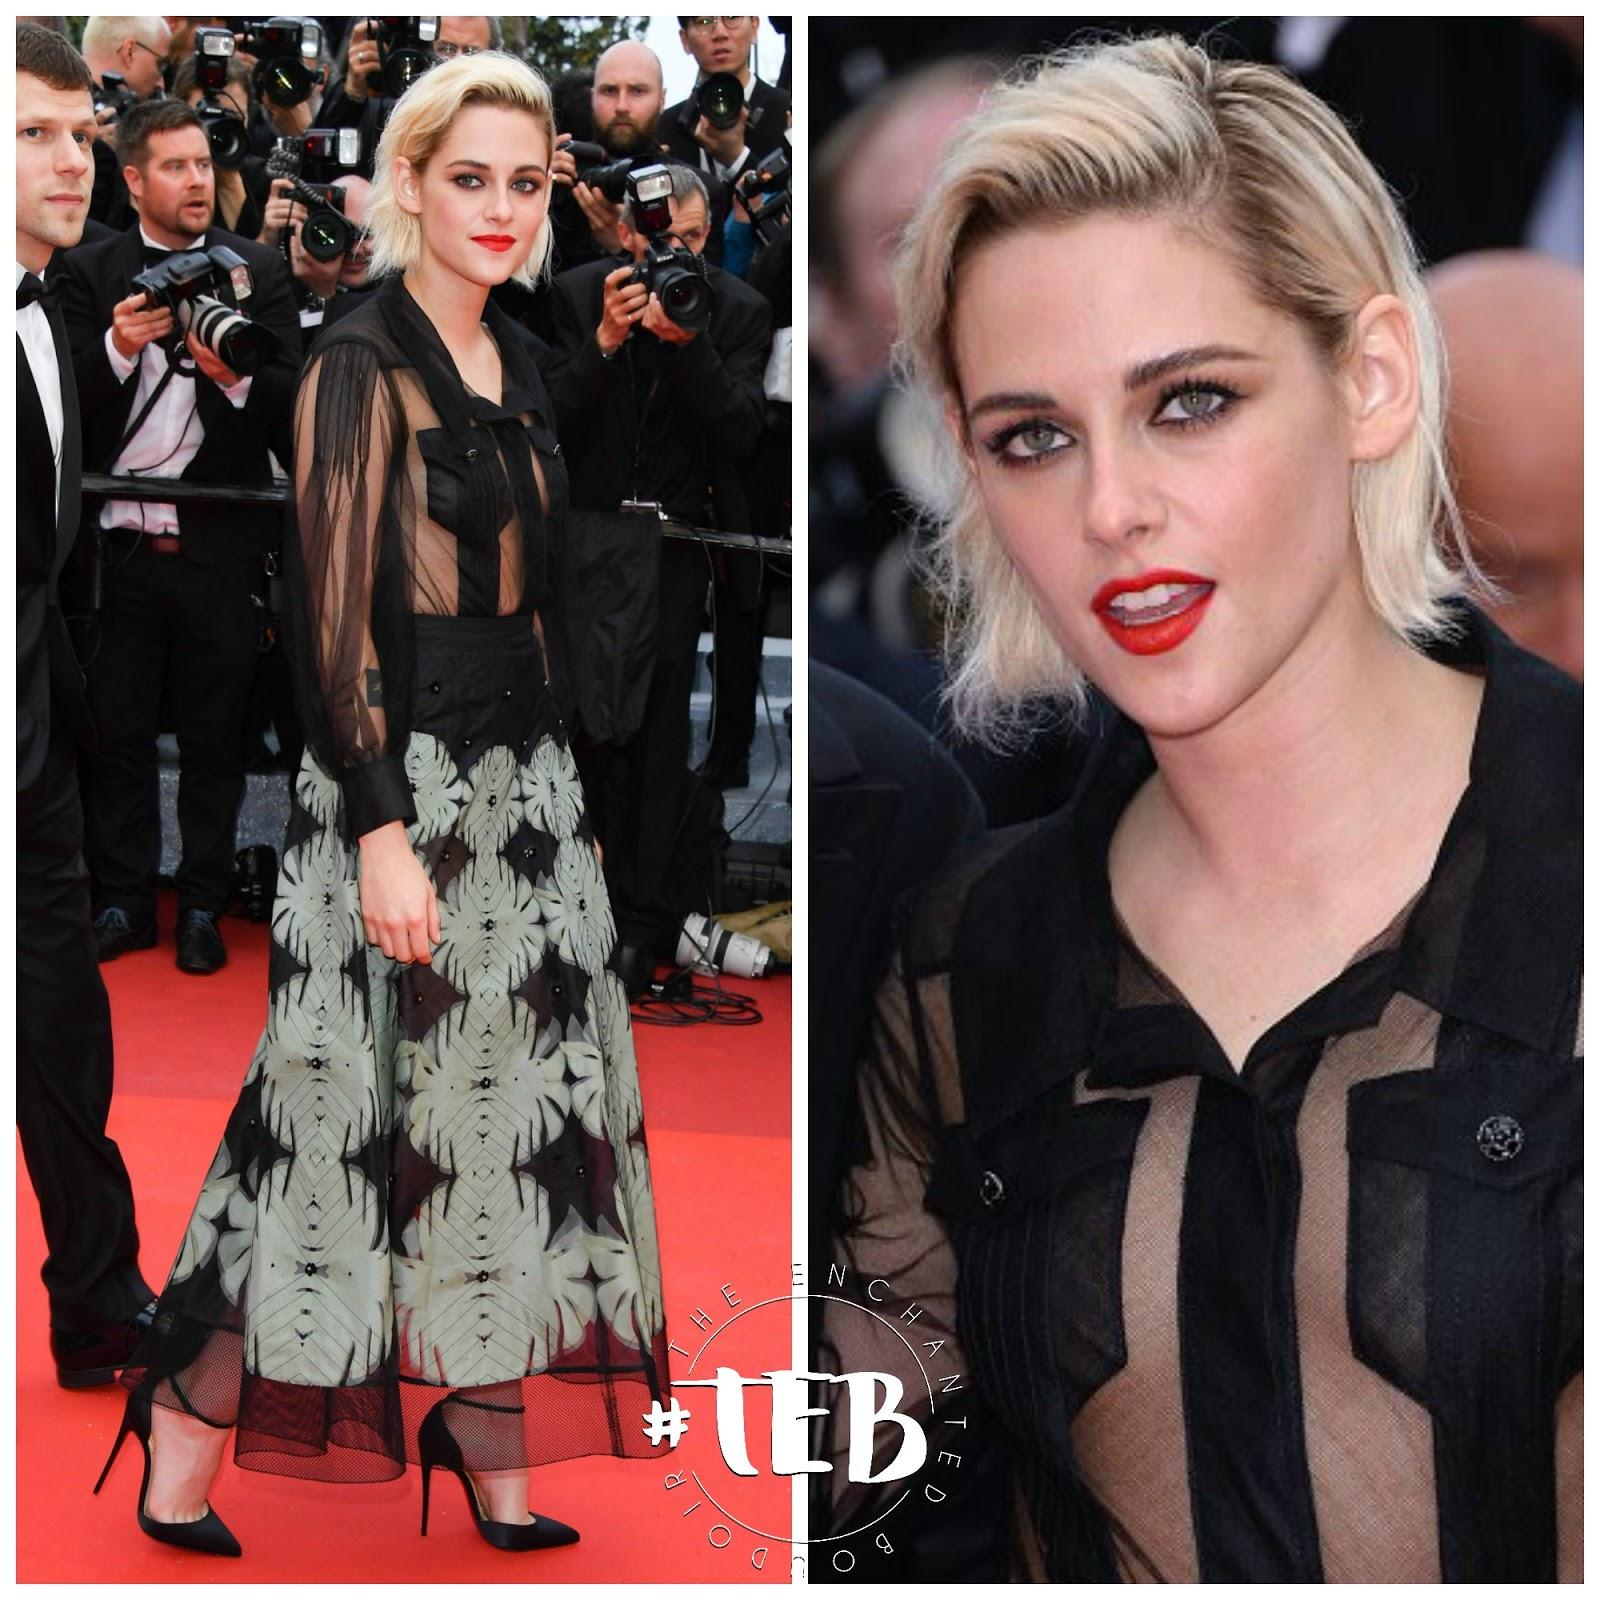 Kristen_Stewart_Cannes_2016_Chanel